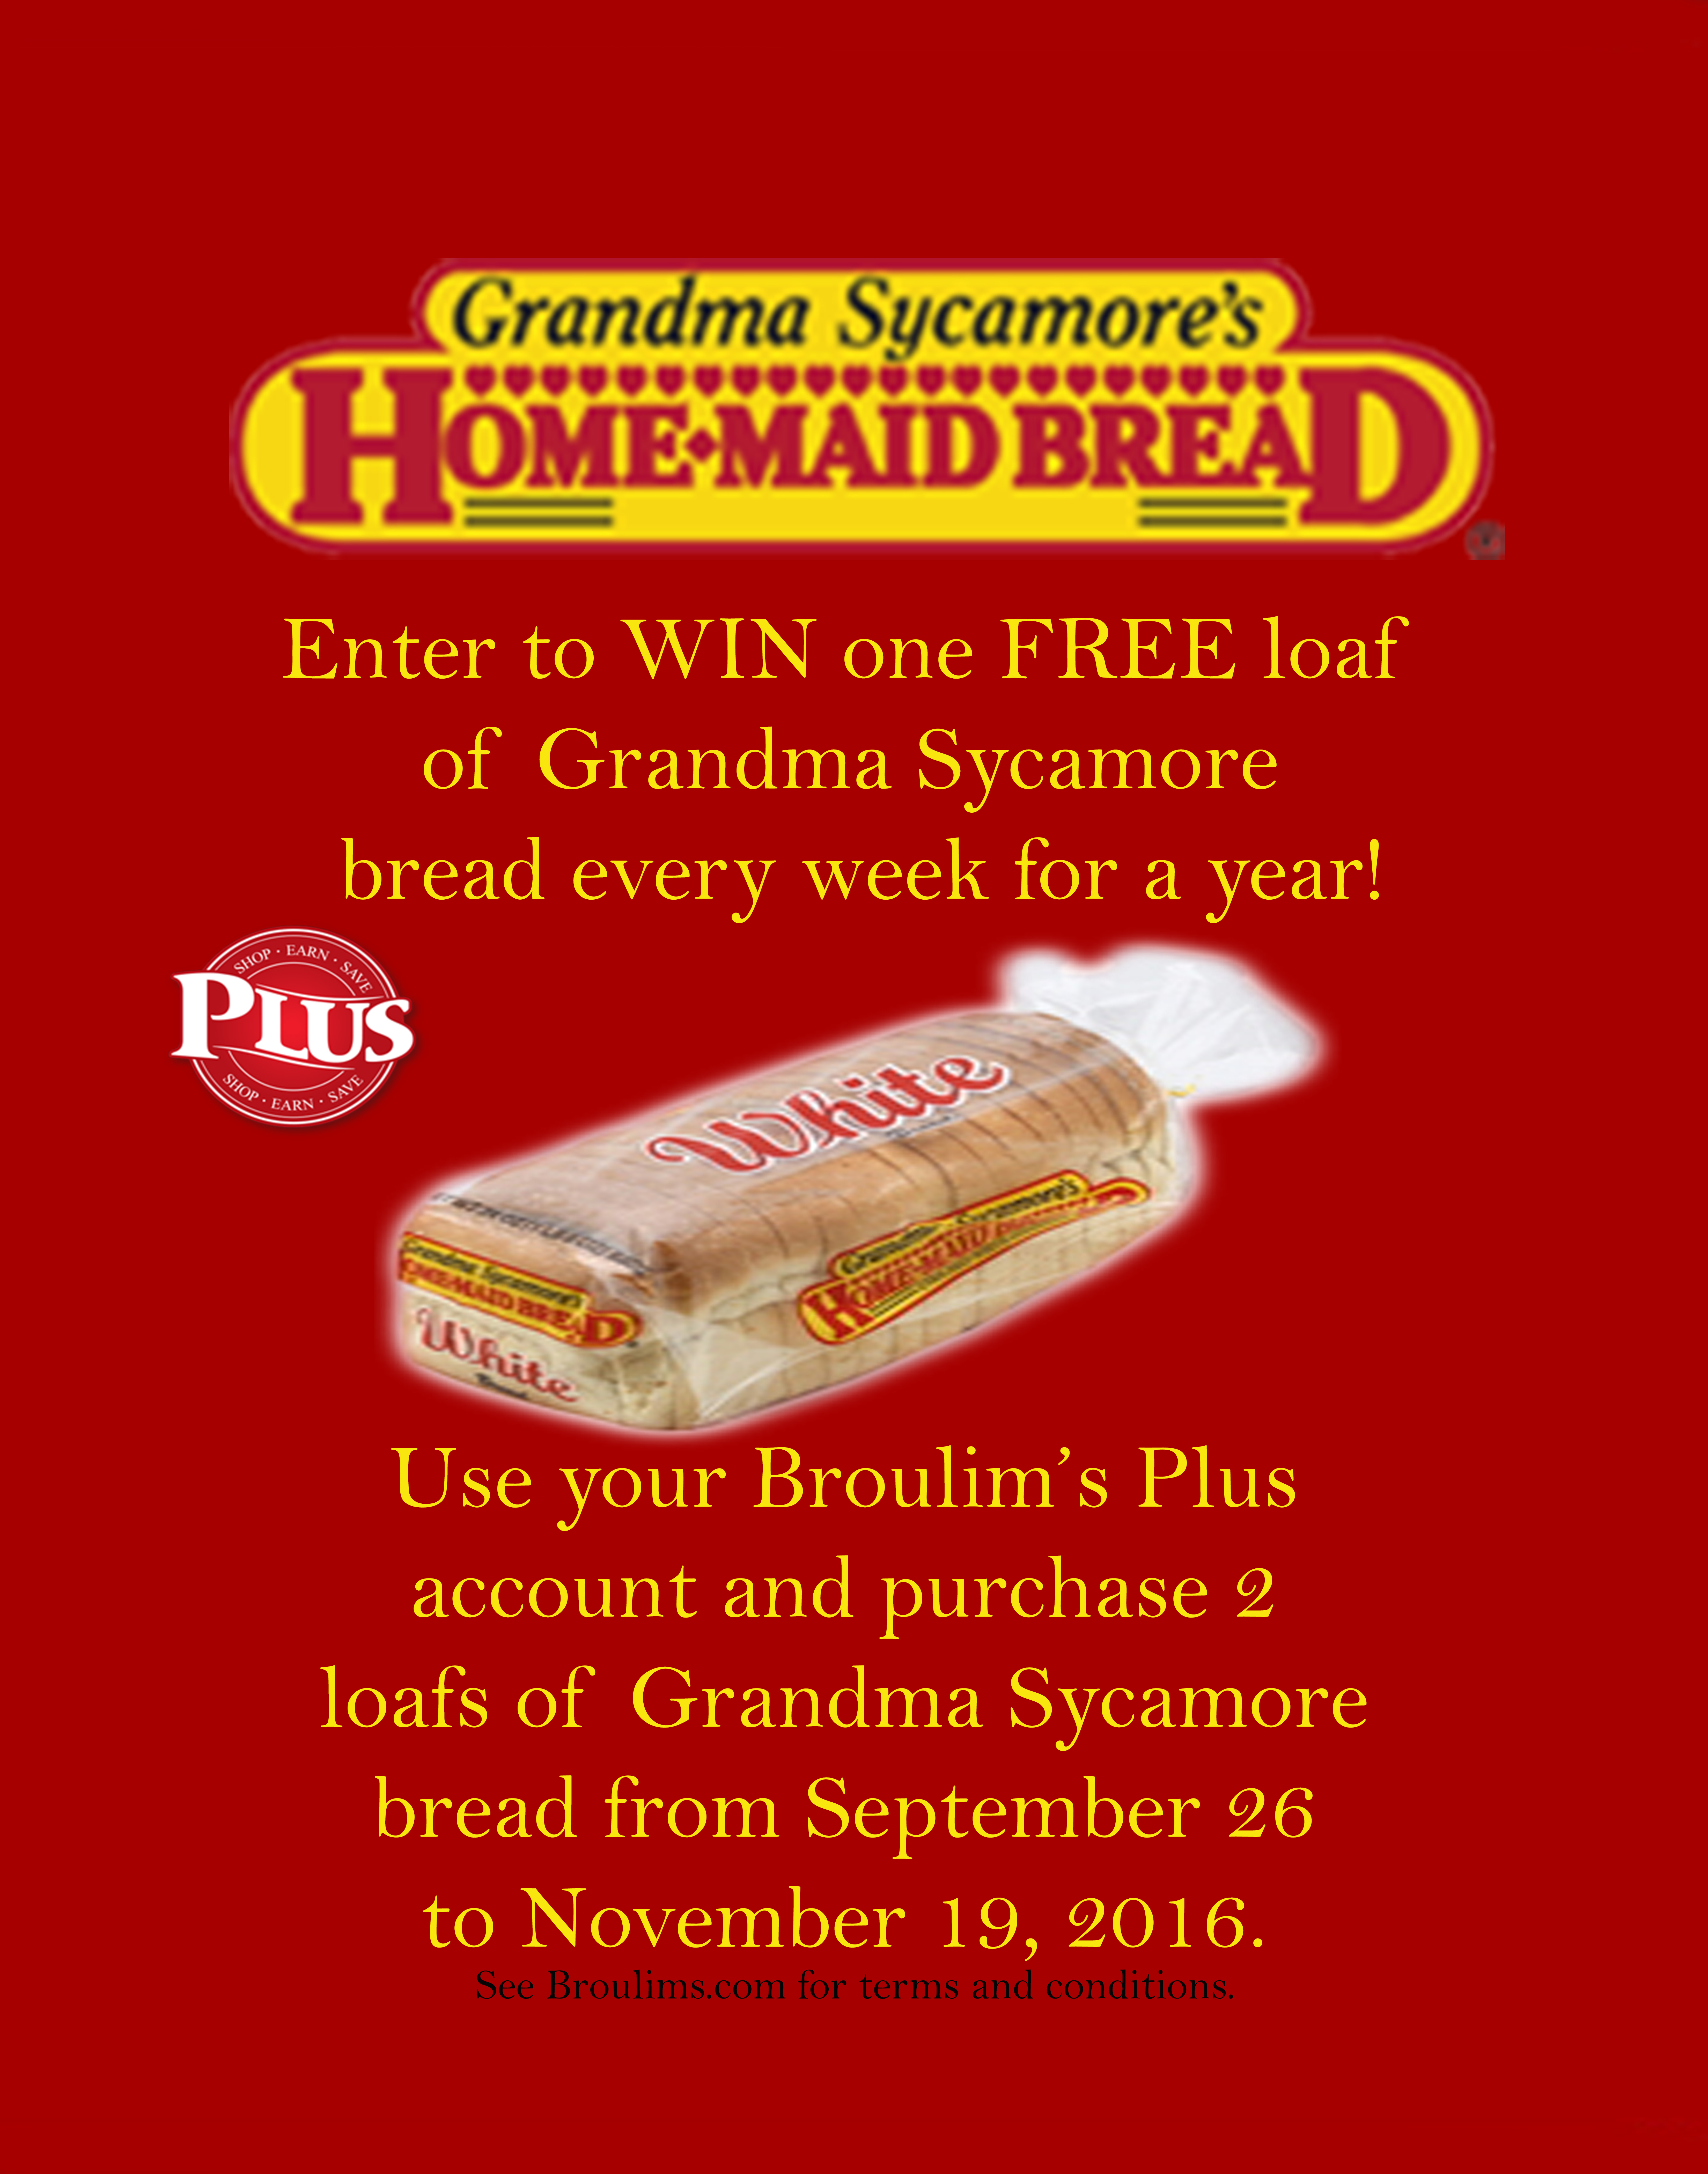 grandma-sycamore-plus-promo